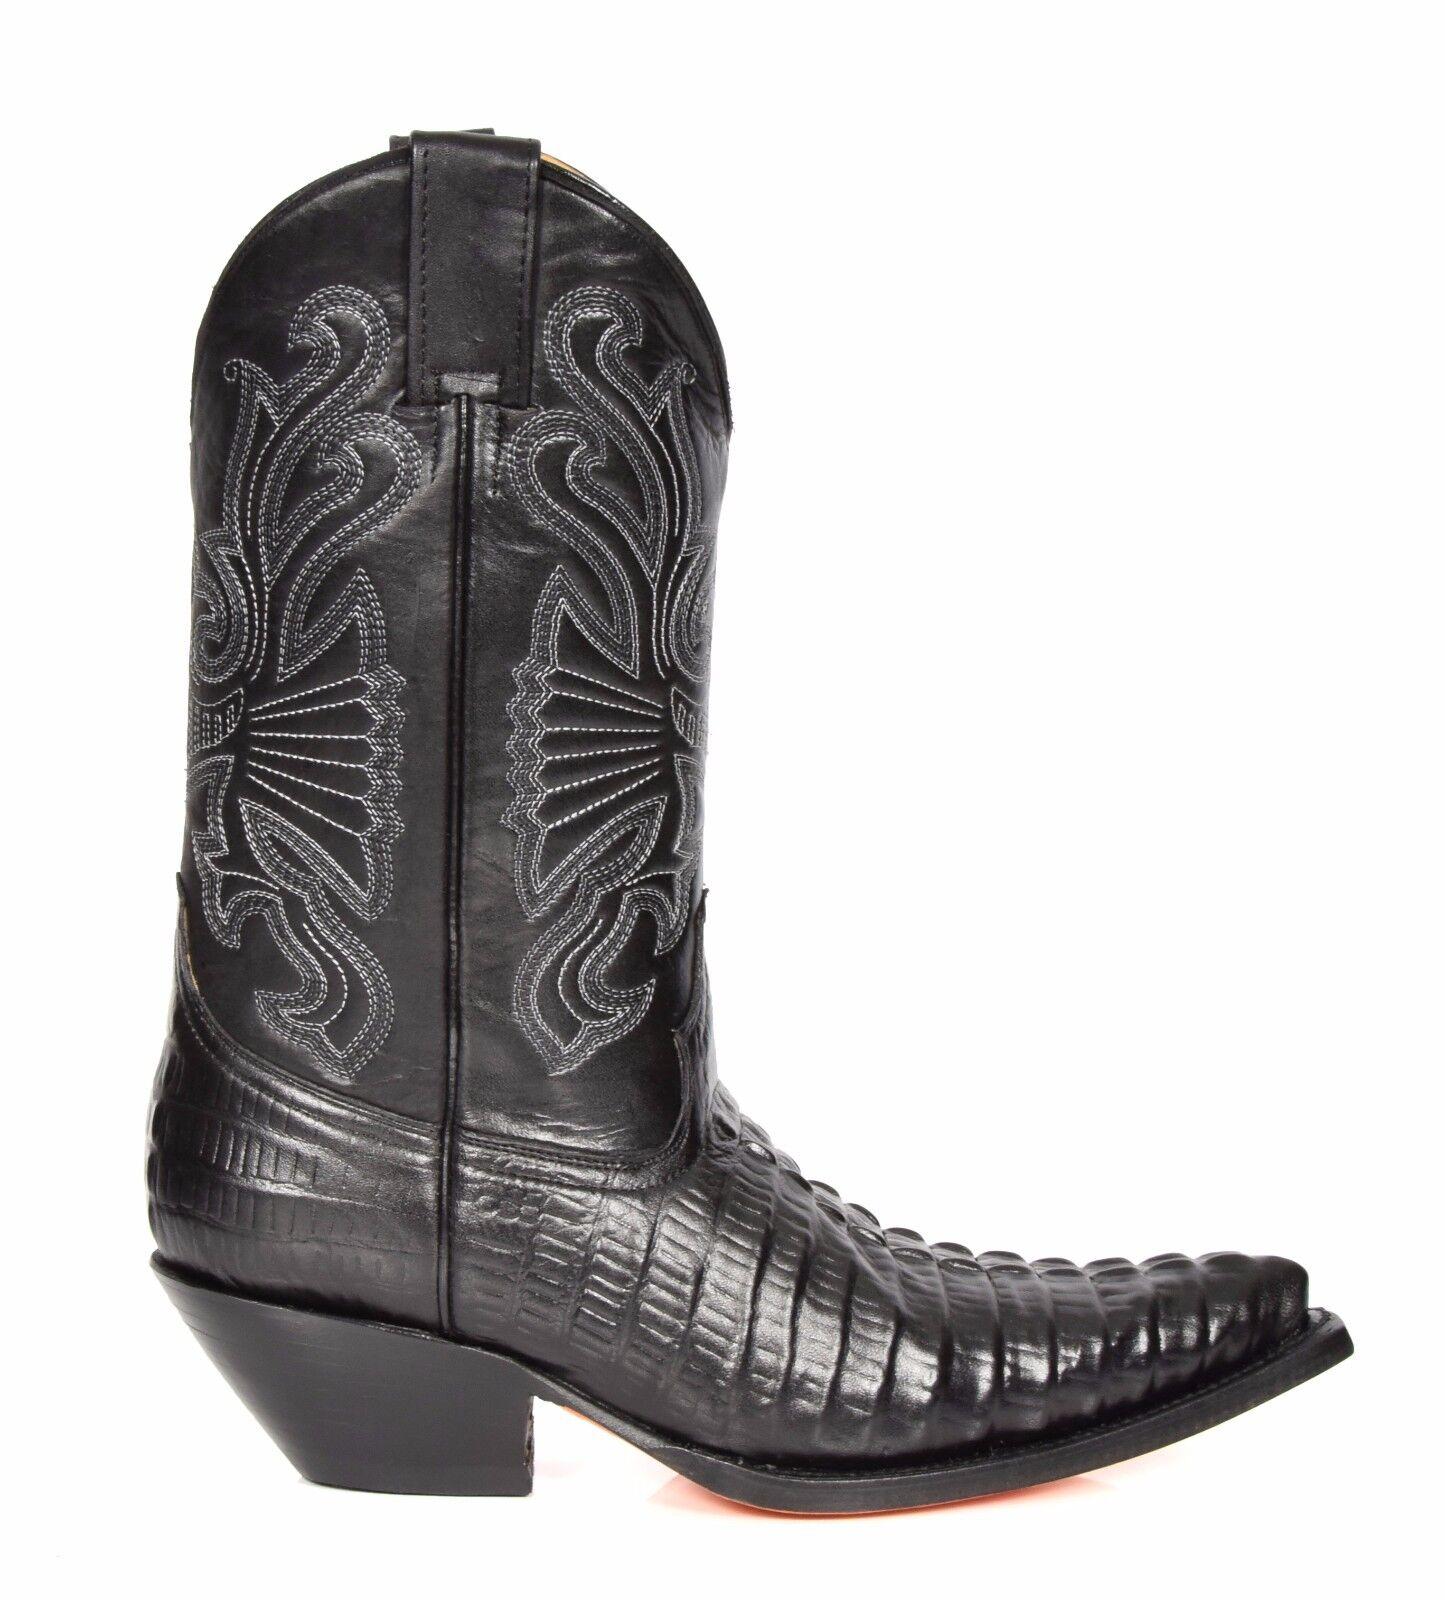 Stivali da Cowboy da Uomo in in in Pelle Coccodrillo Nero Slip On A Punta Designer Stivali Grinders 34637e